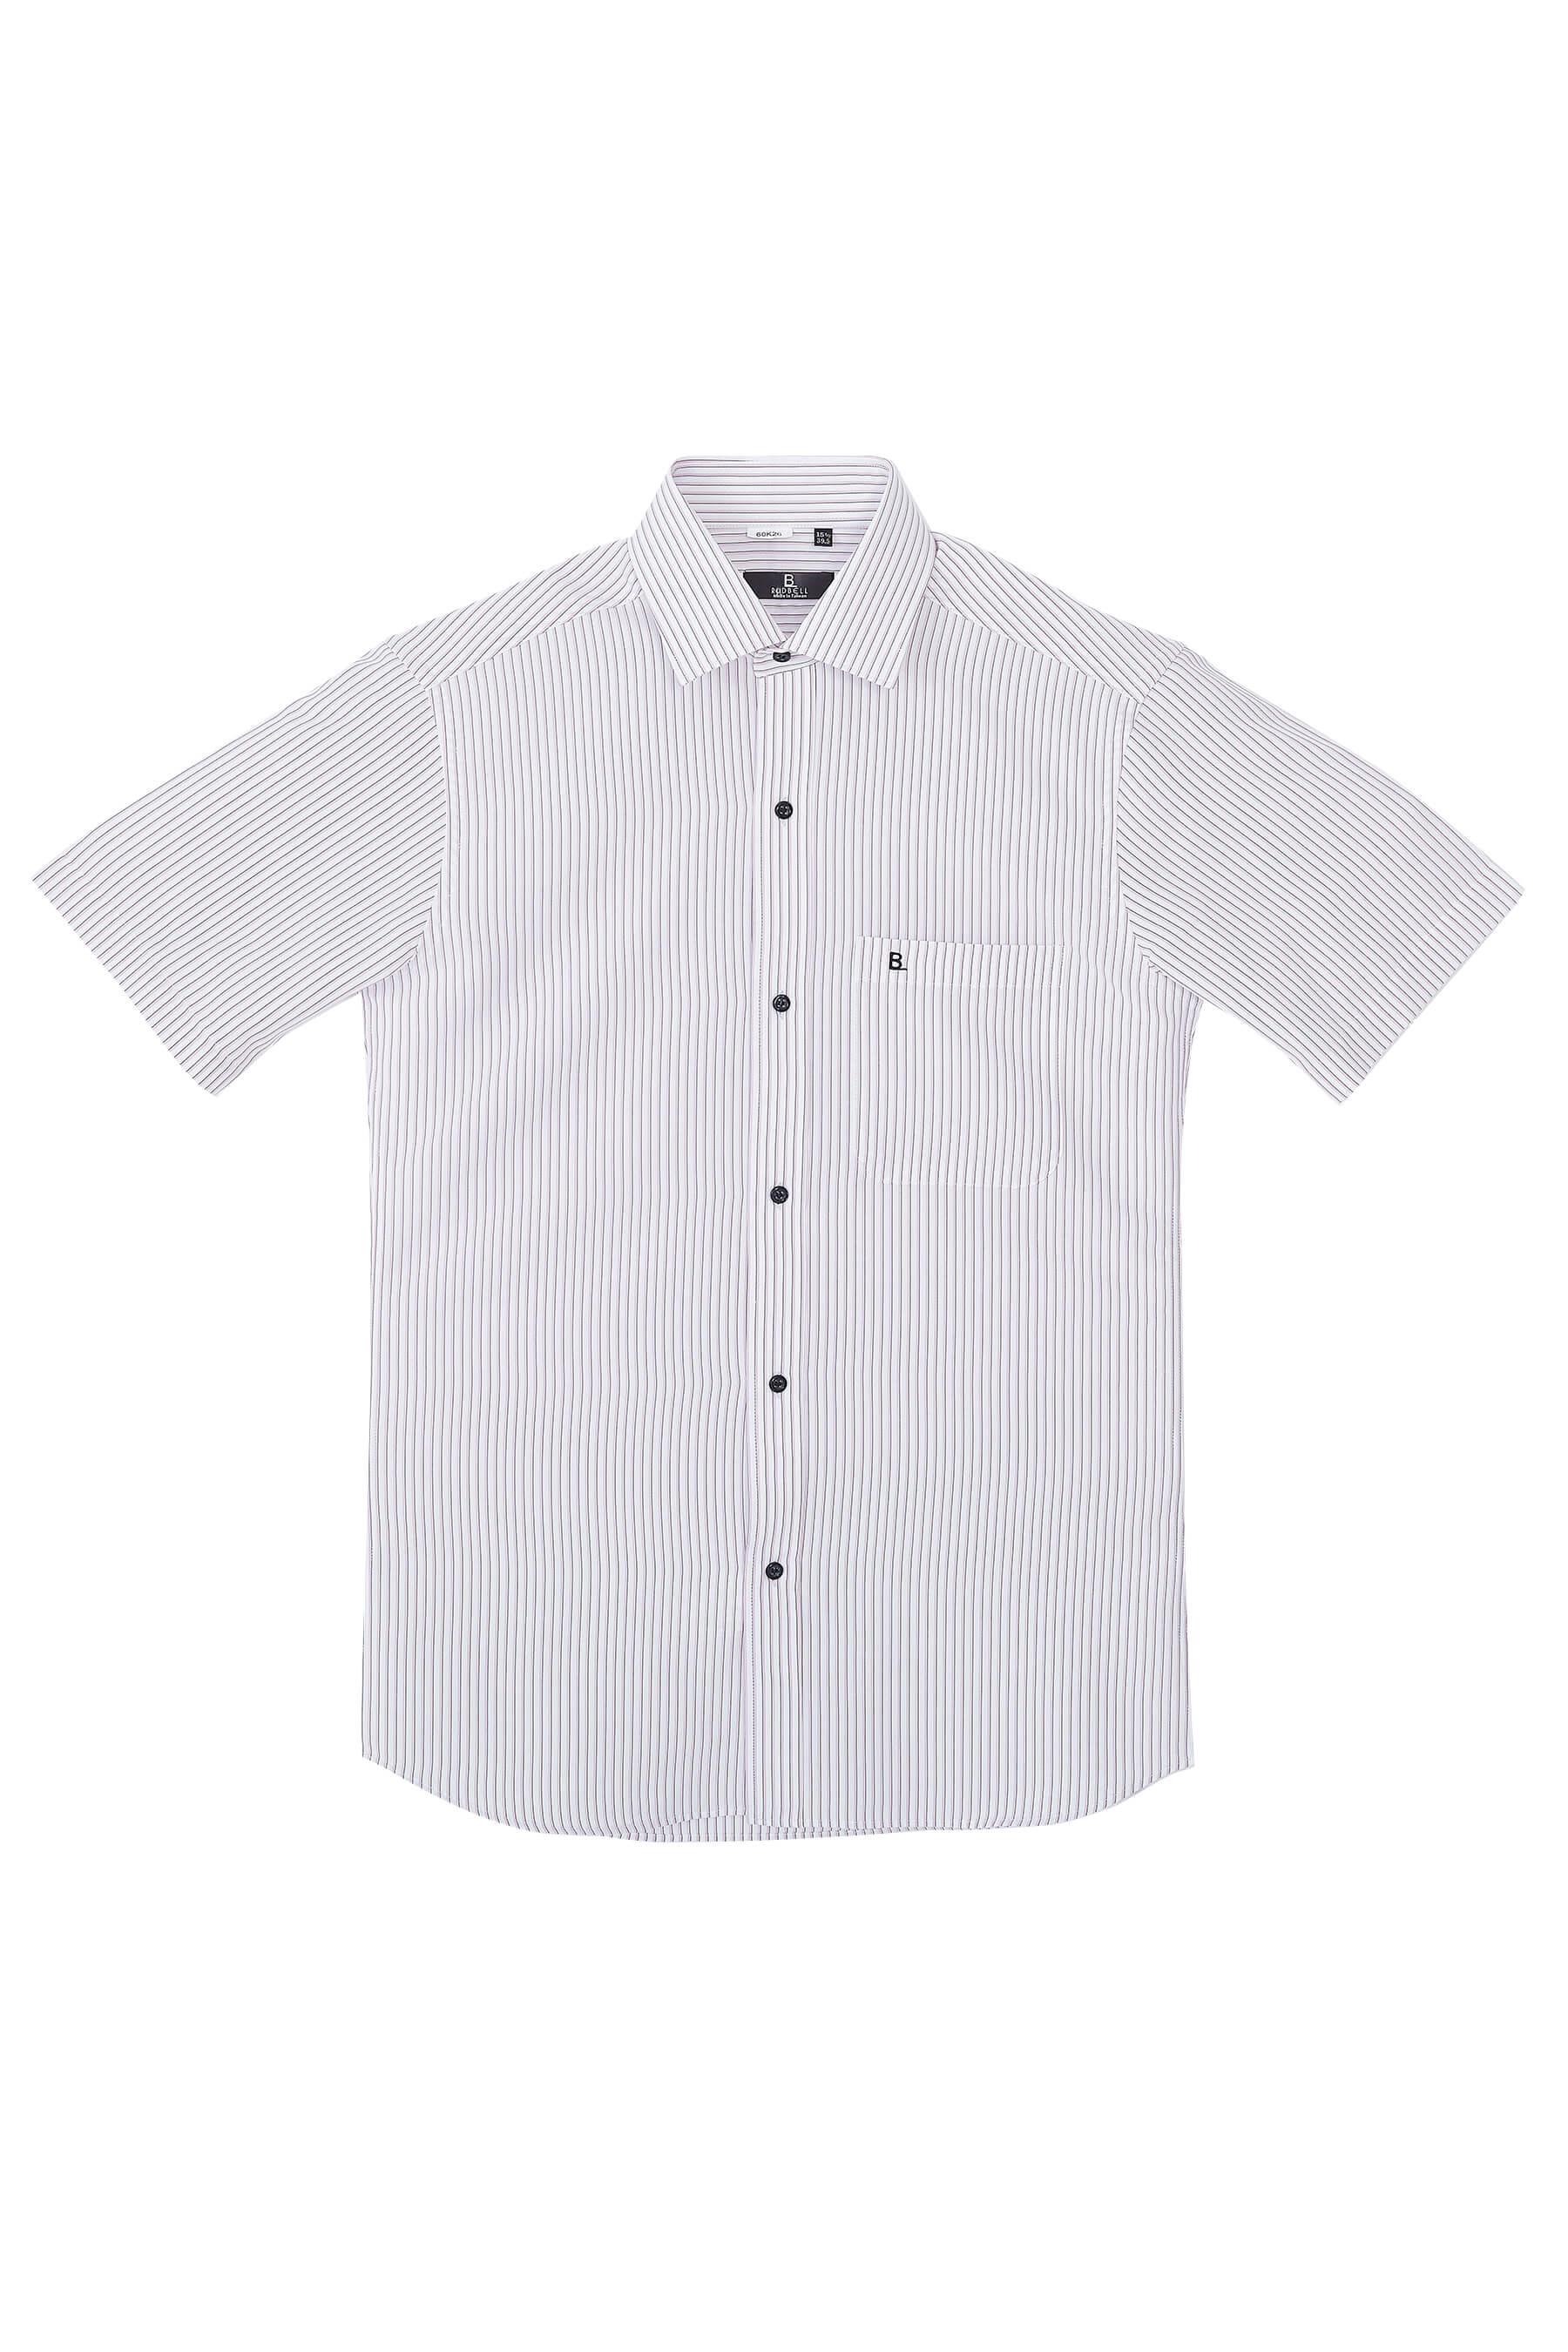 黑粉條紋短袖襯衫/抗皺 吸濕排汗